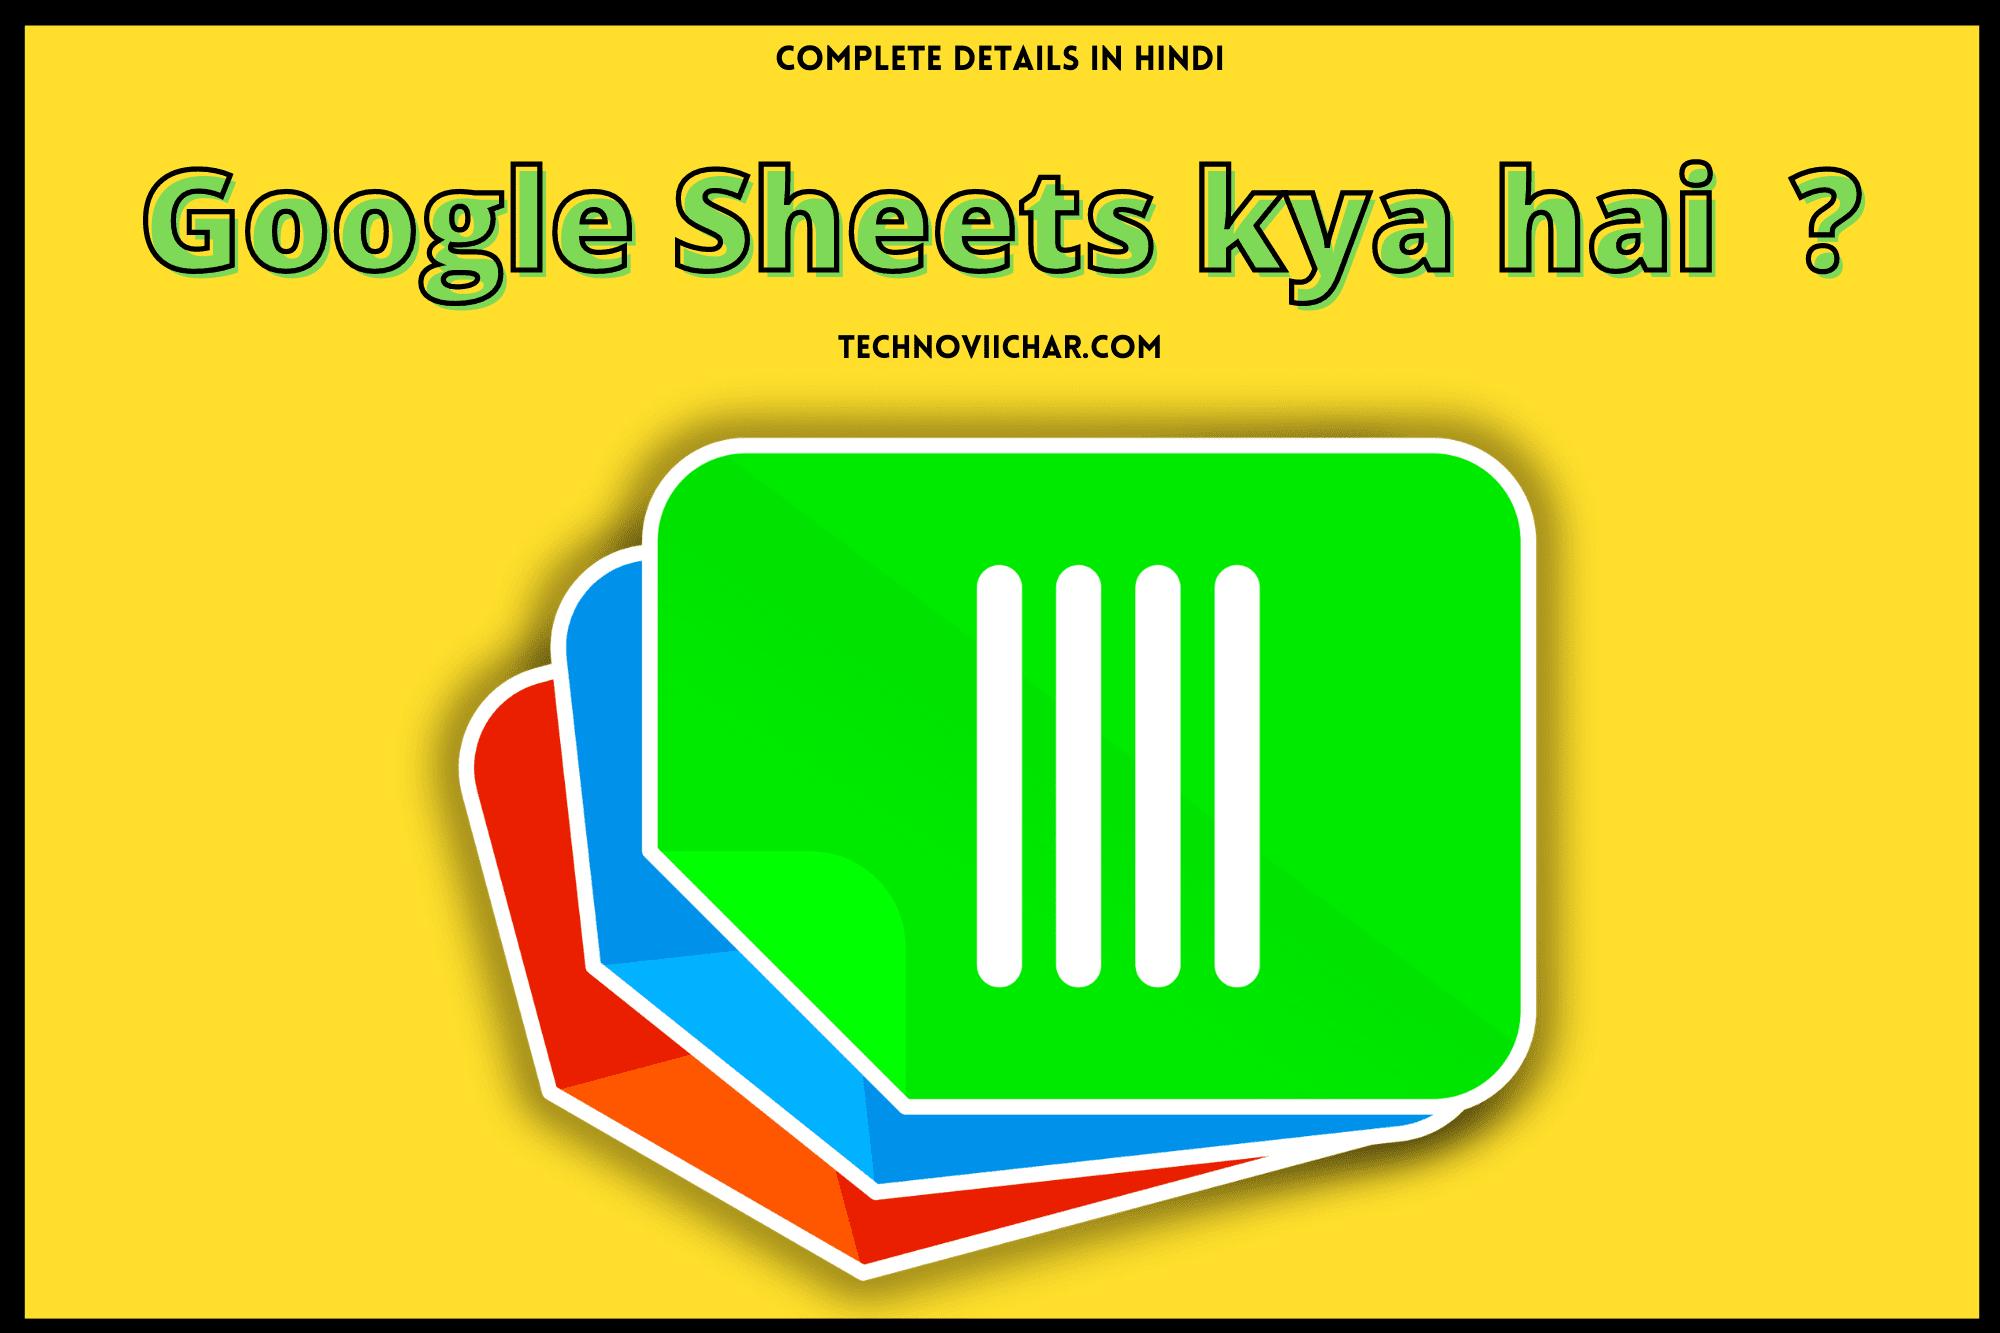 Google Sheets in Hindi